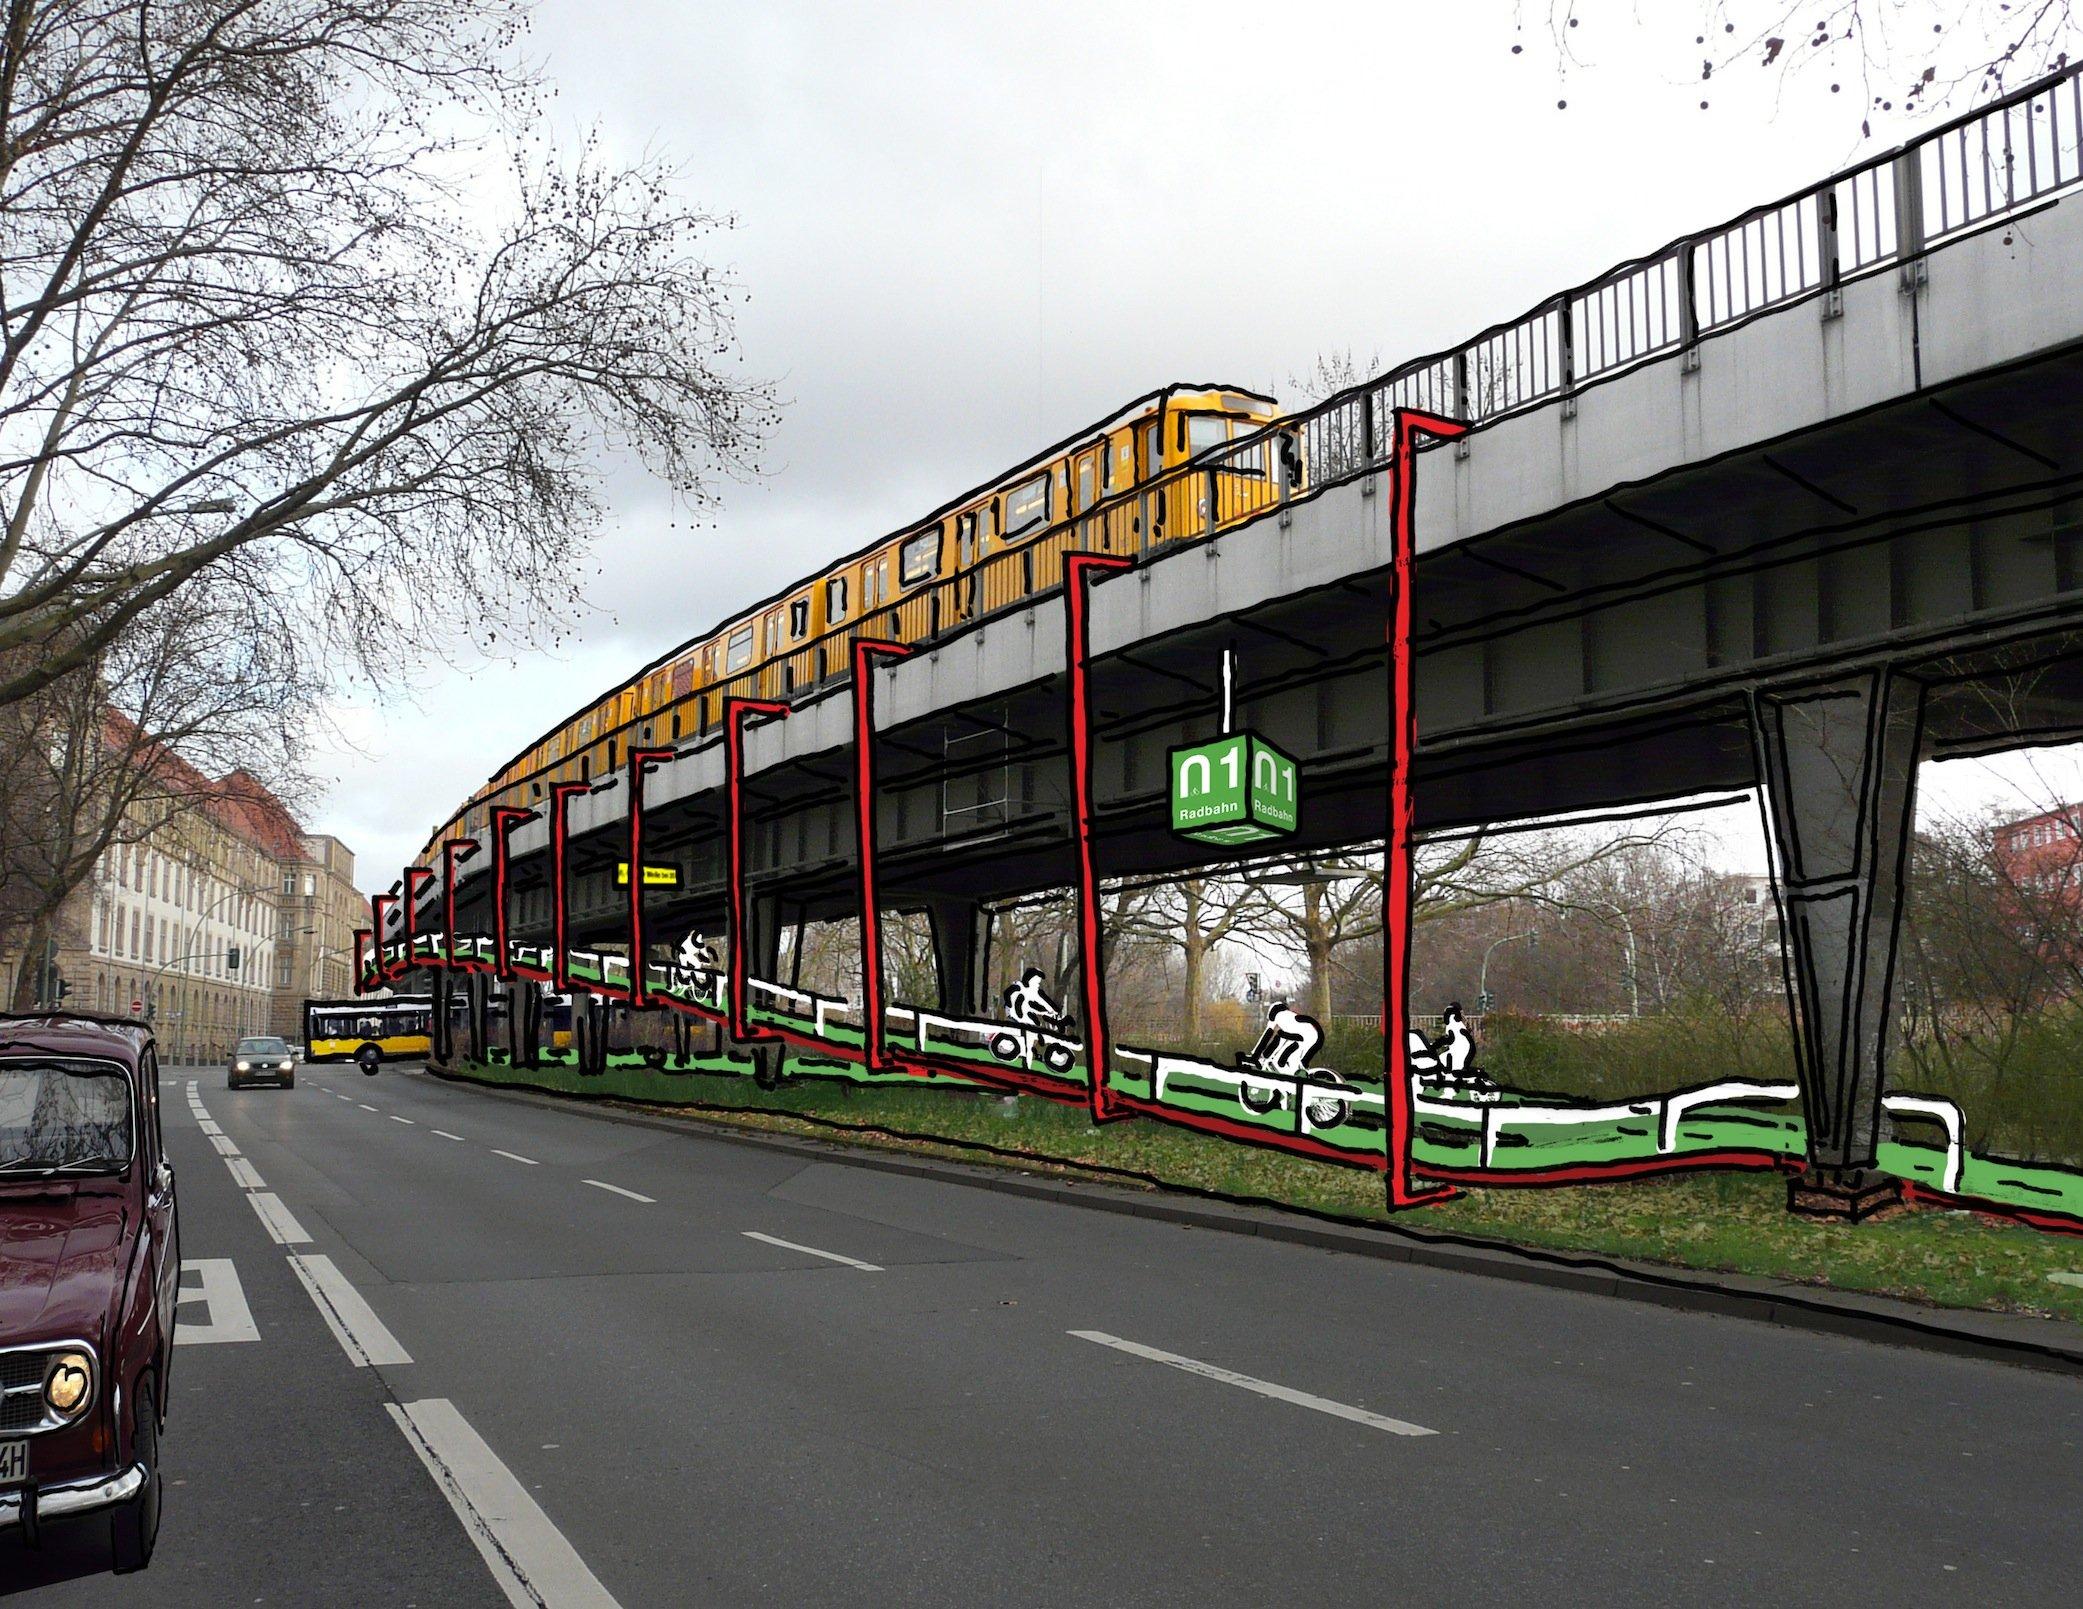 An Kreuzungen schlagen die Initiatoren Rampen vor, die an der Hochbahn hängen und die Radfahrer sicher über den Autoverkehr führen.